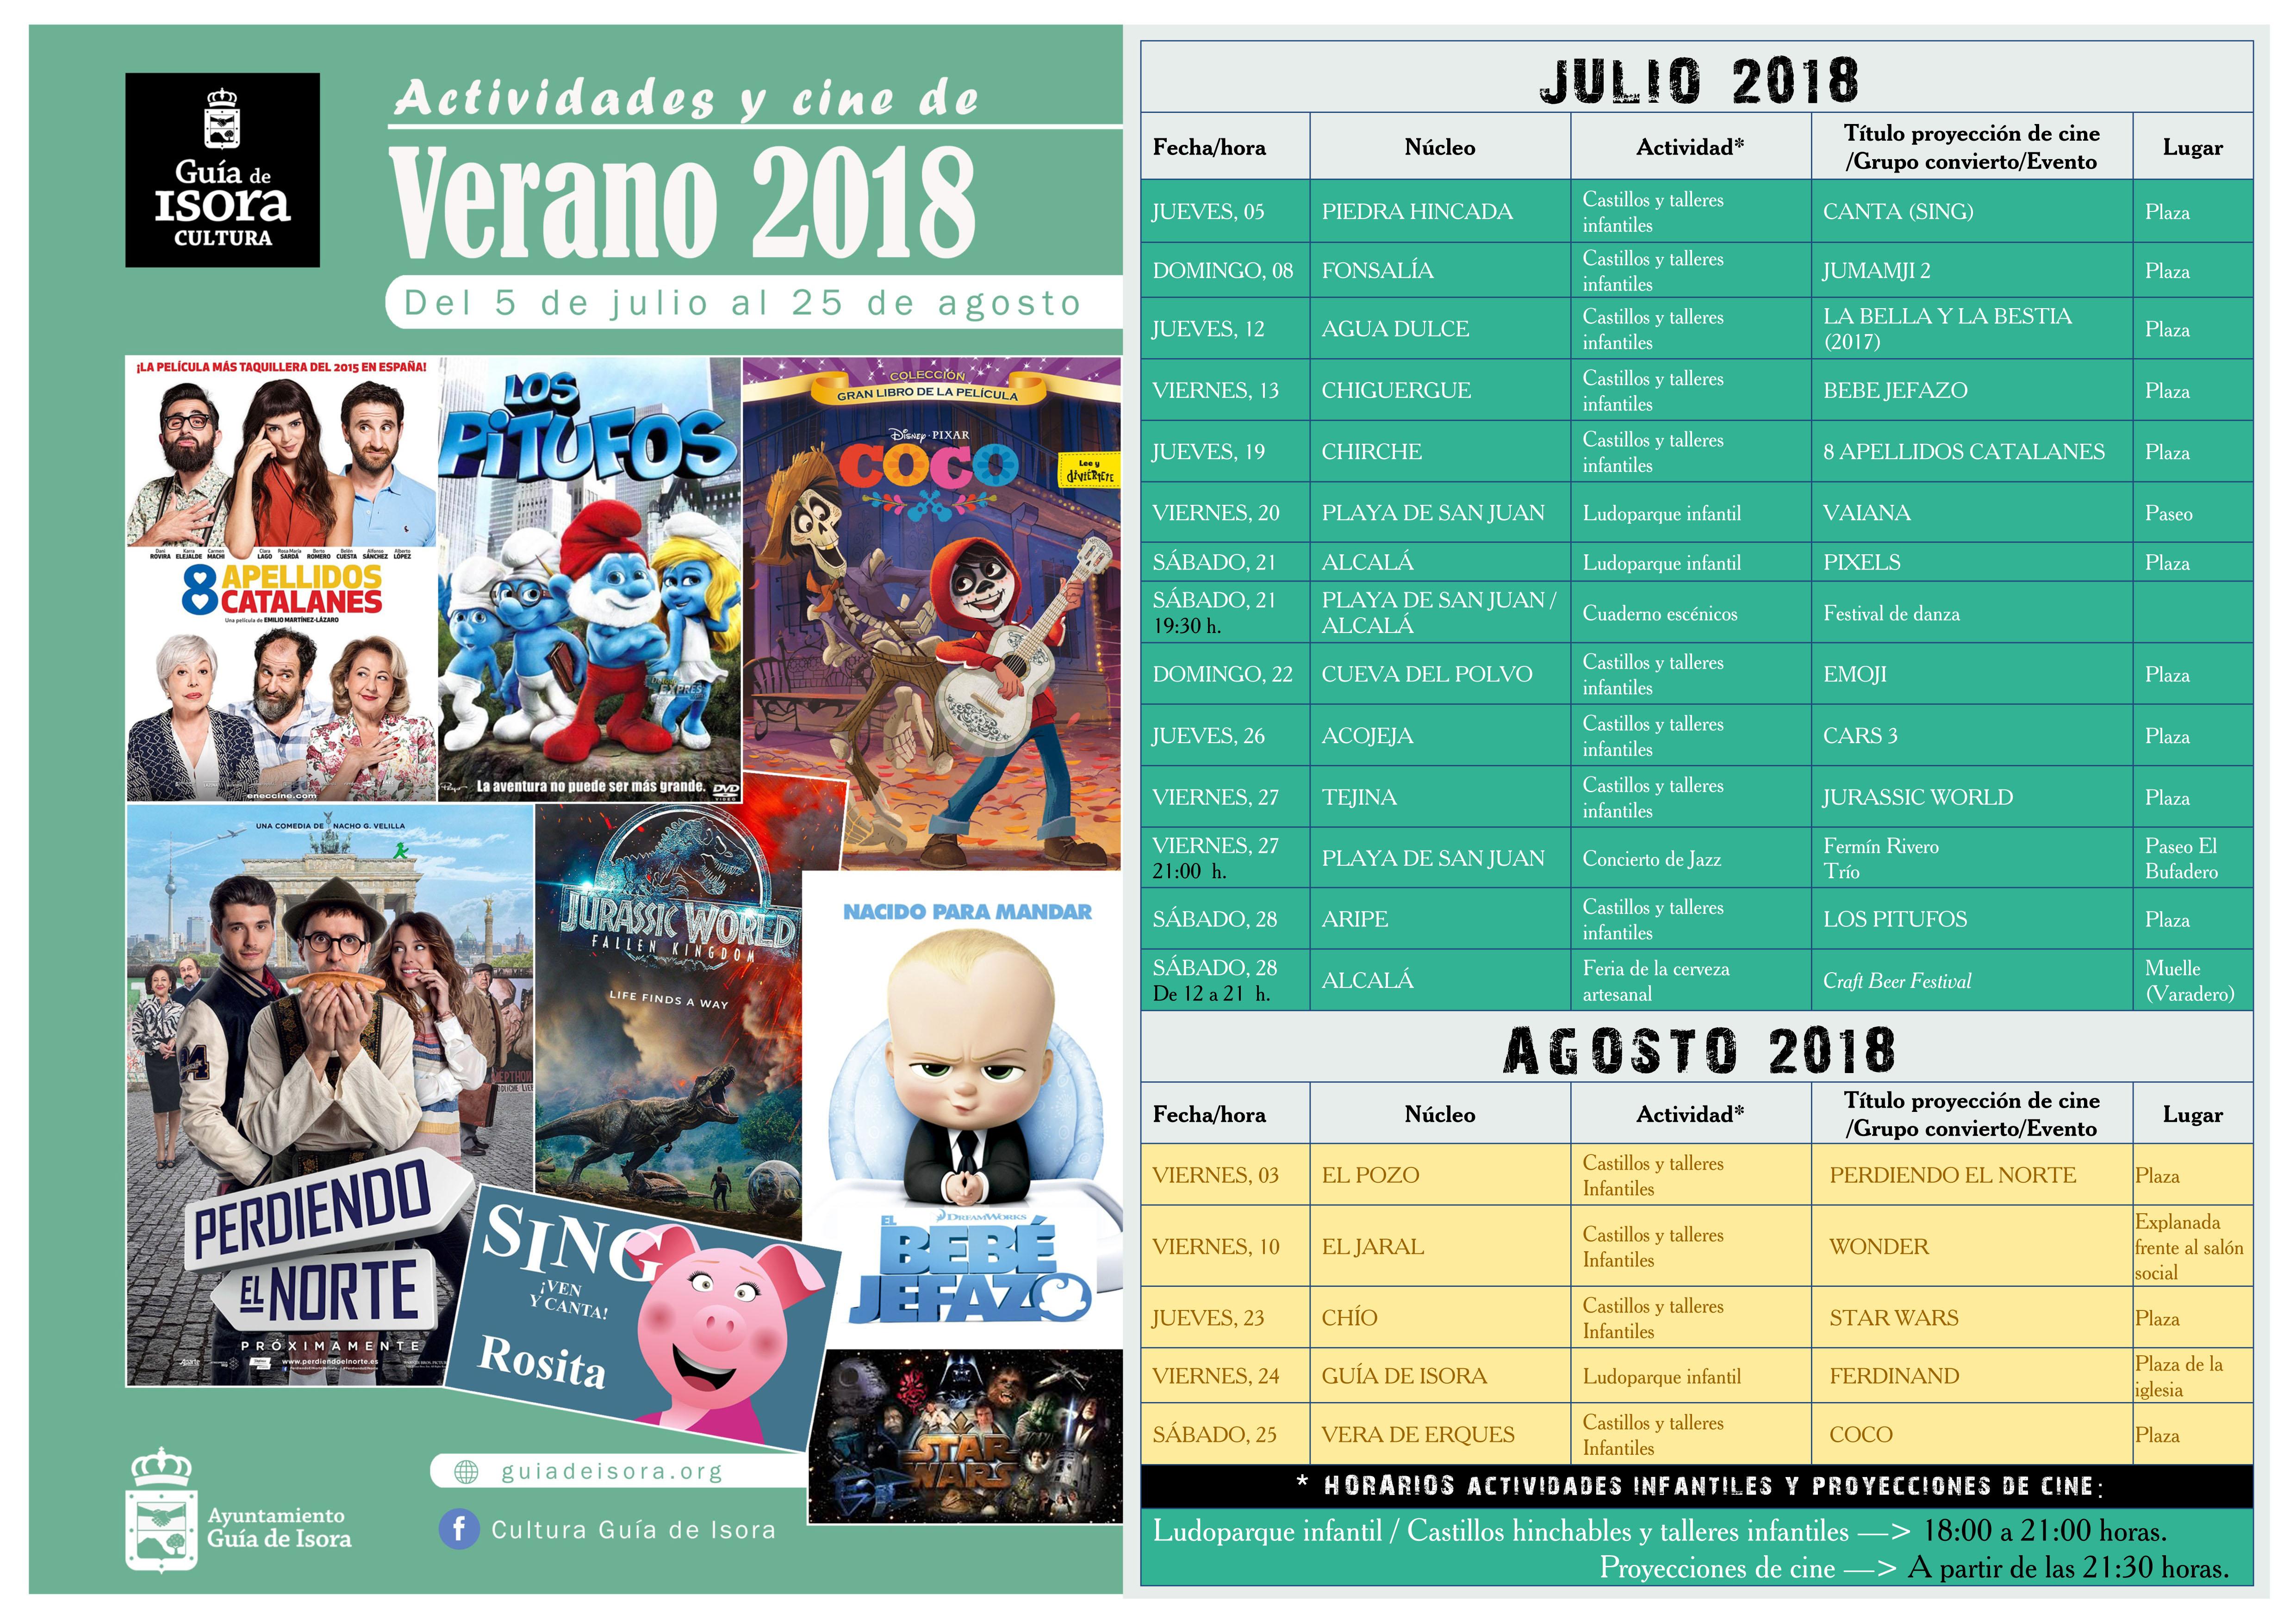 Cartel A3 - ACTIVIDADES Y CINE DE VERANO 2018 con texto